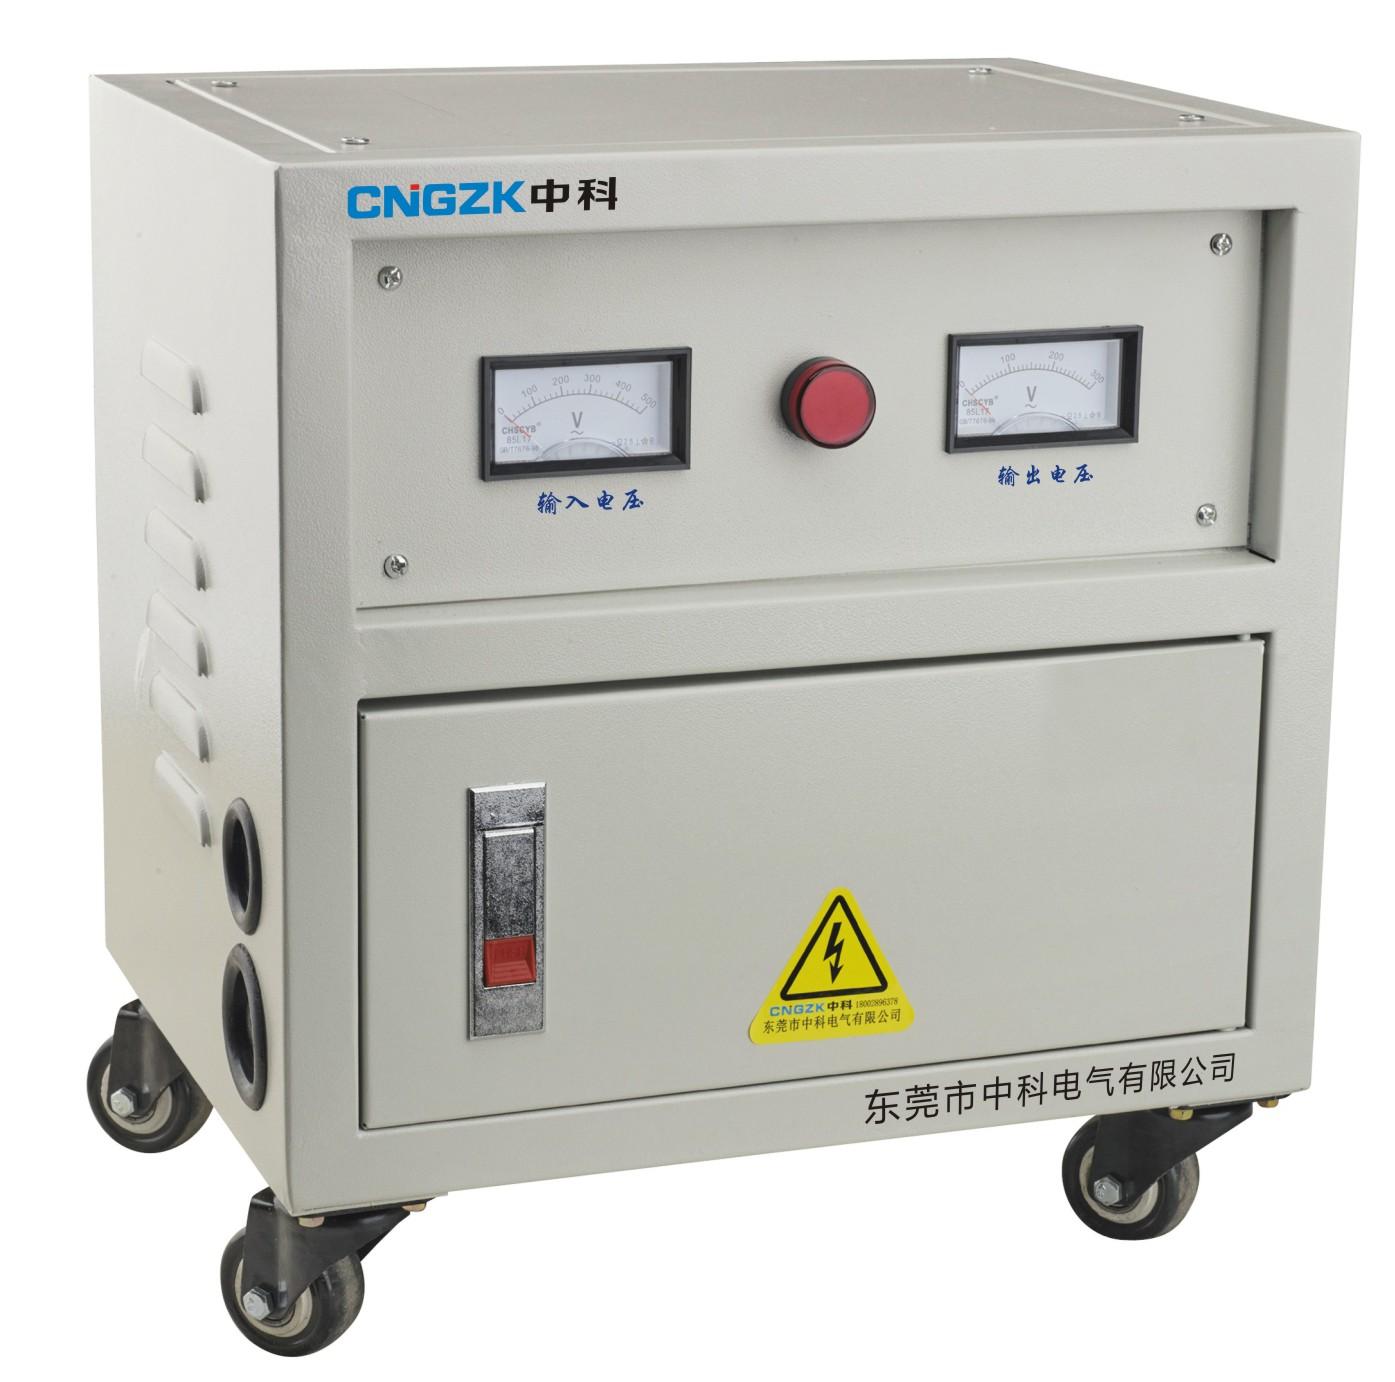 中科电气 安徽 大功率 控制变压器 (250kva)厂家直销